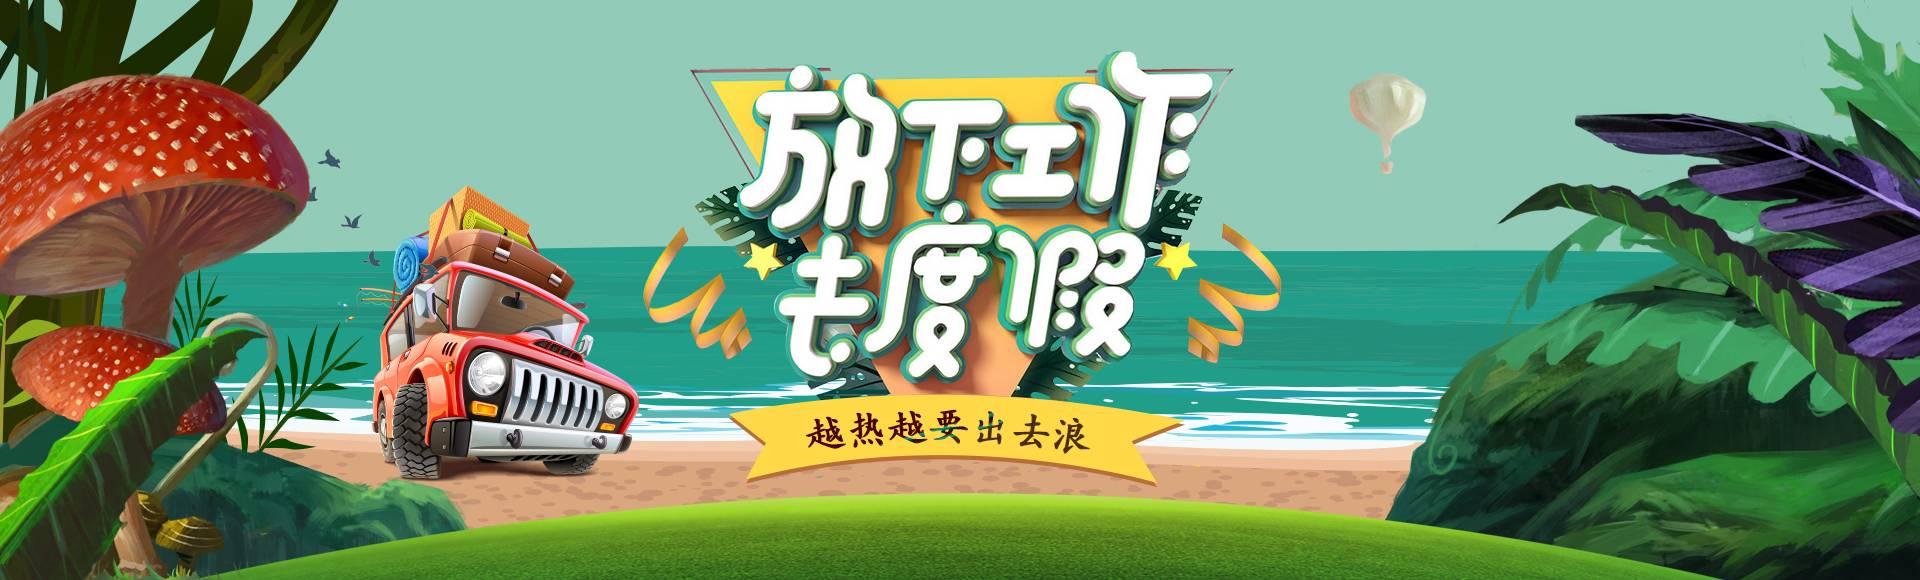 武汉众行户外团建拓展培训02